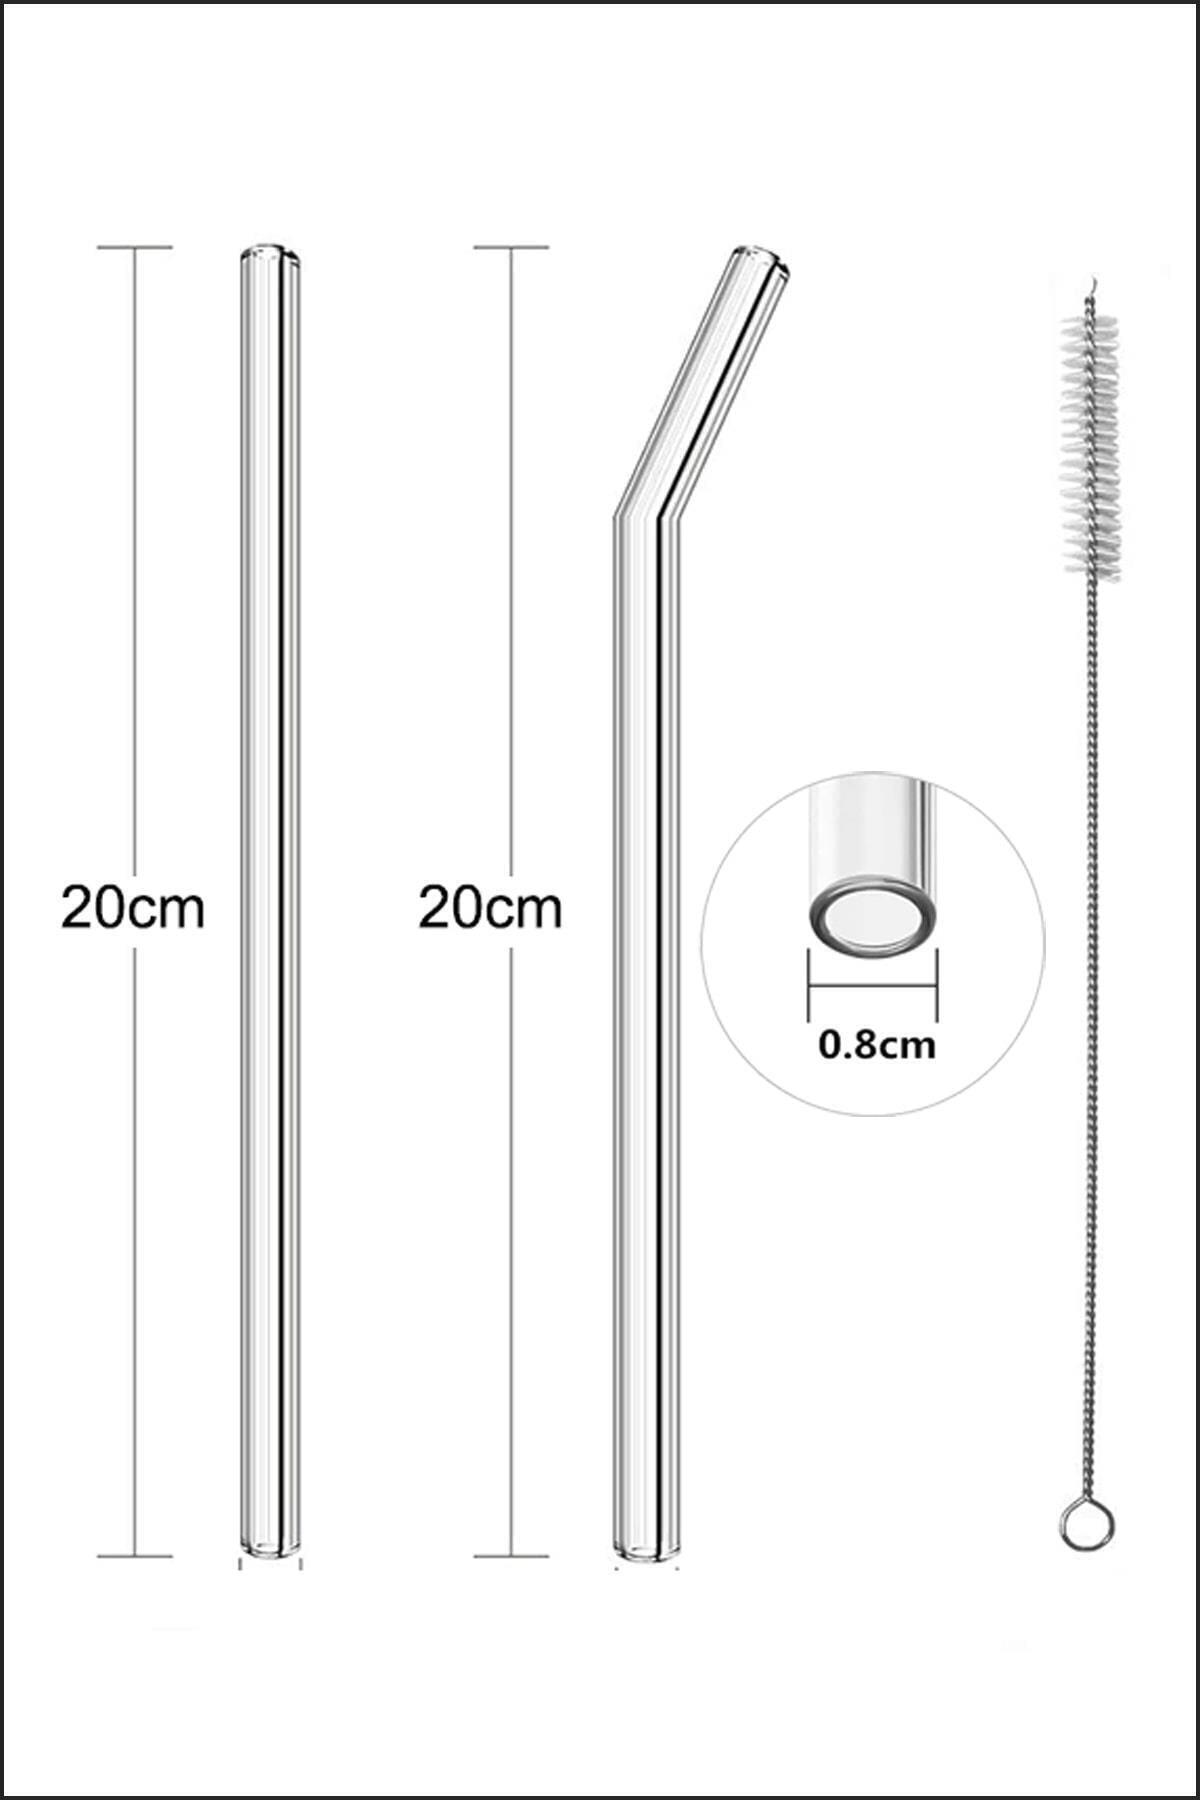 Kelebekev 6 Lı Cam Pipet + 3 Adet Temizleme Fırçası 21cm 2